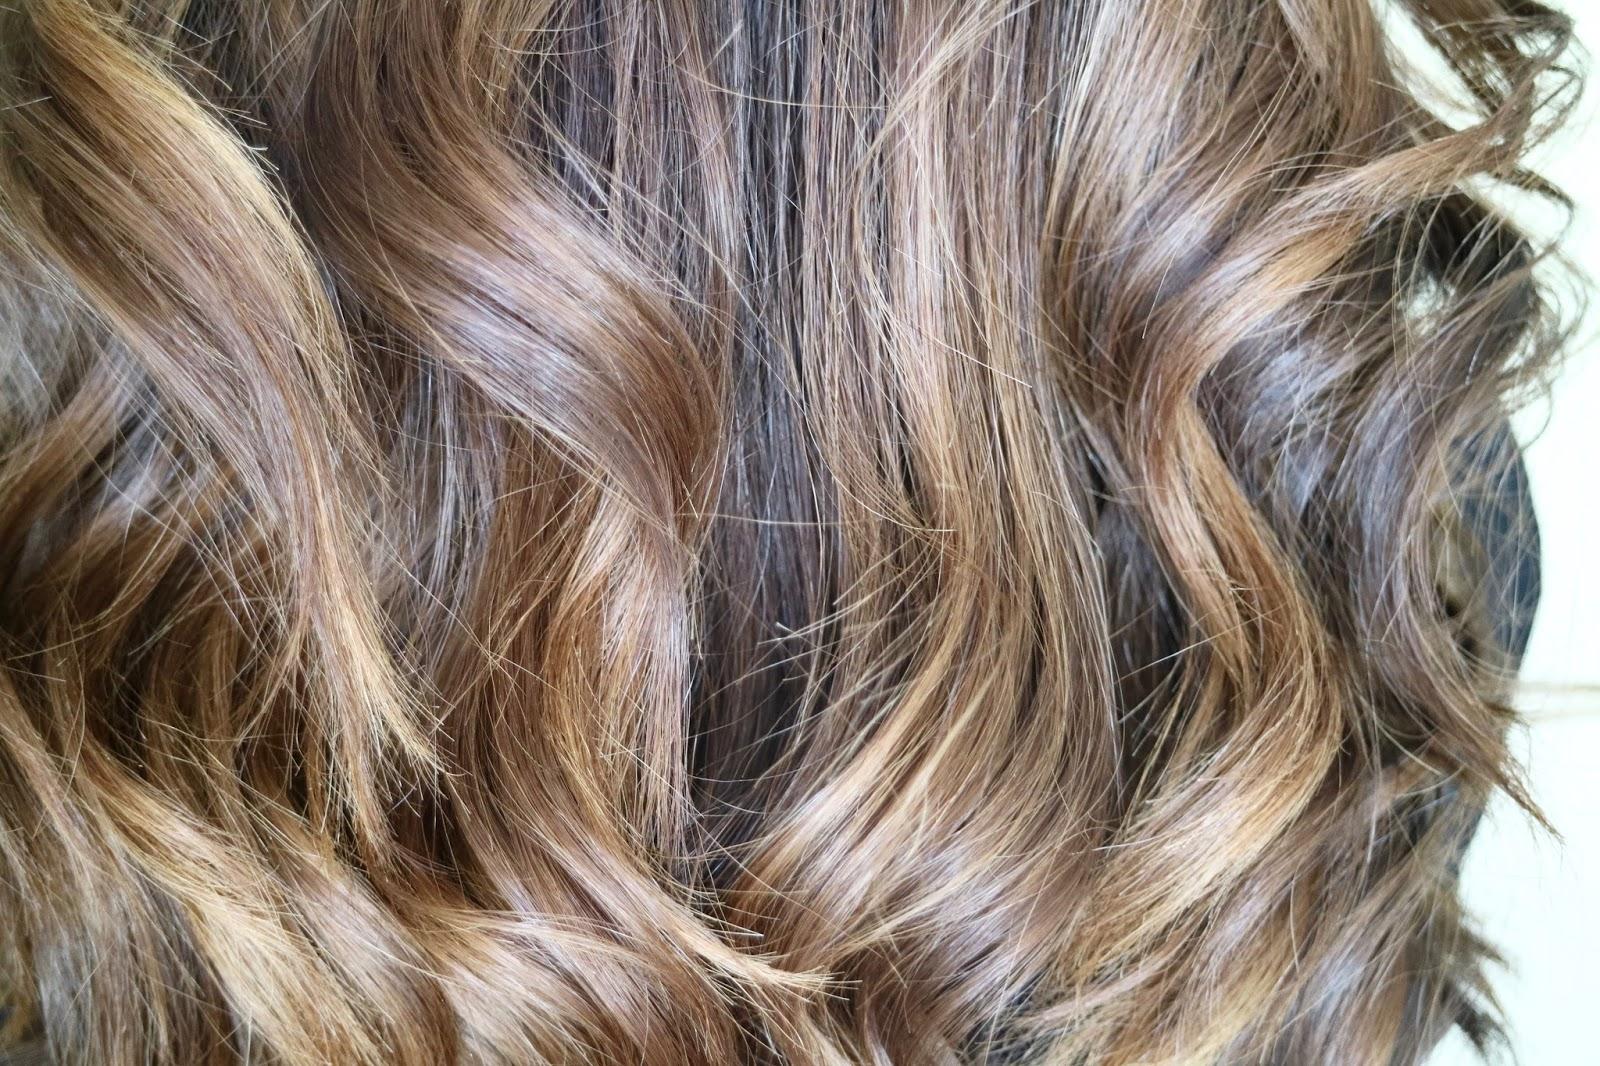 RETHINKING HAIR MASKS